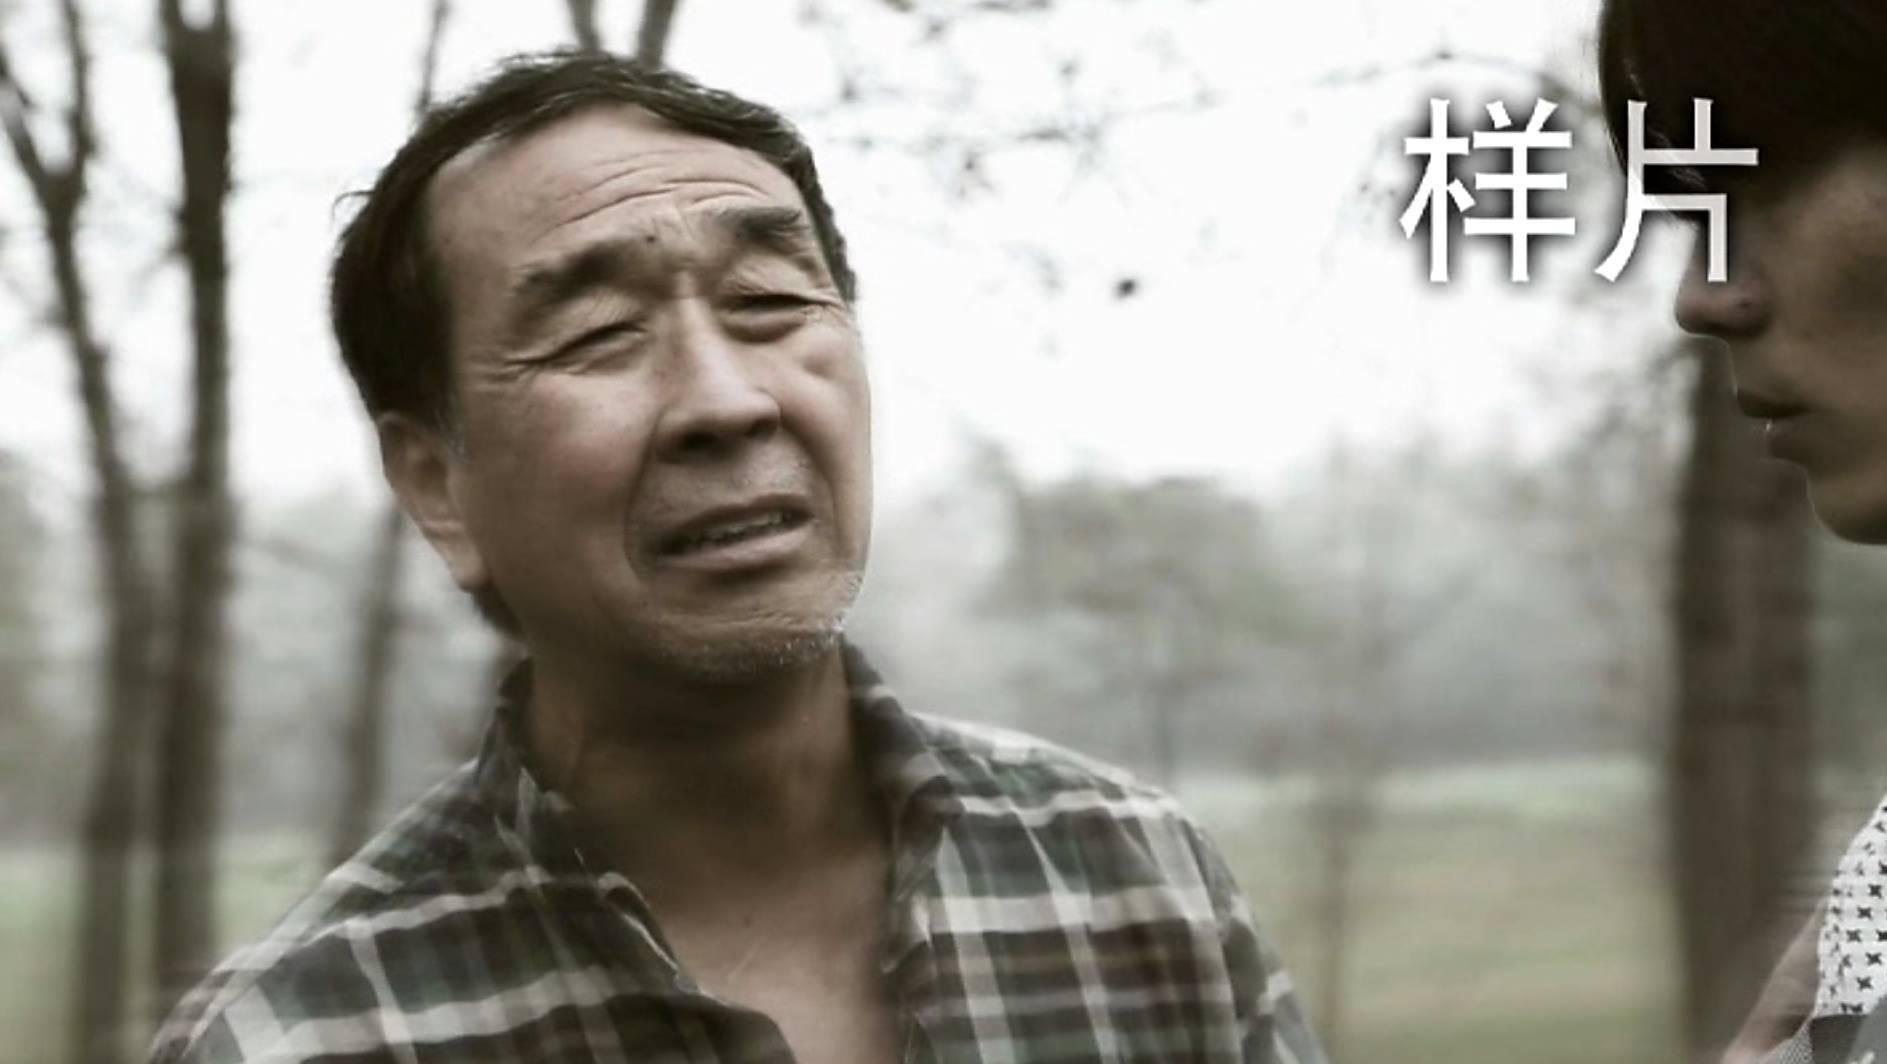 网络大电影《迷途追杀》爆炸消息更名《决战江湖之乞丐传奇》